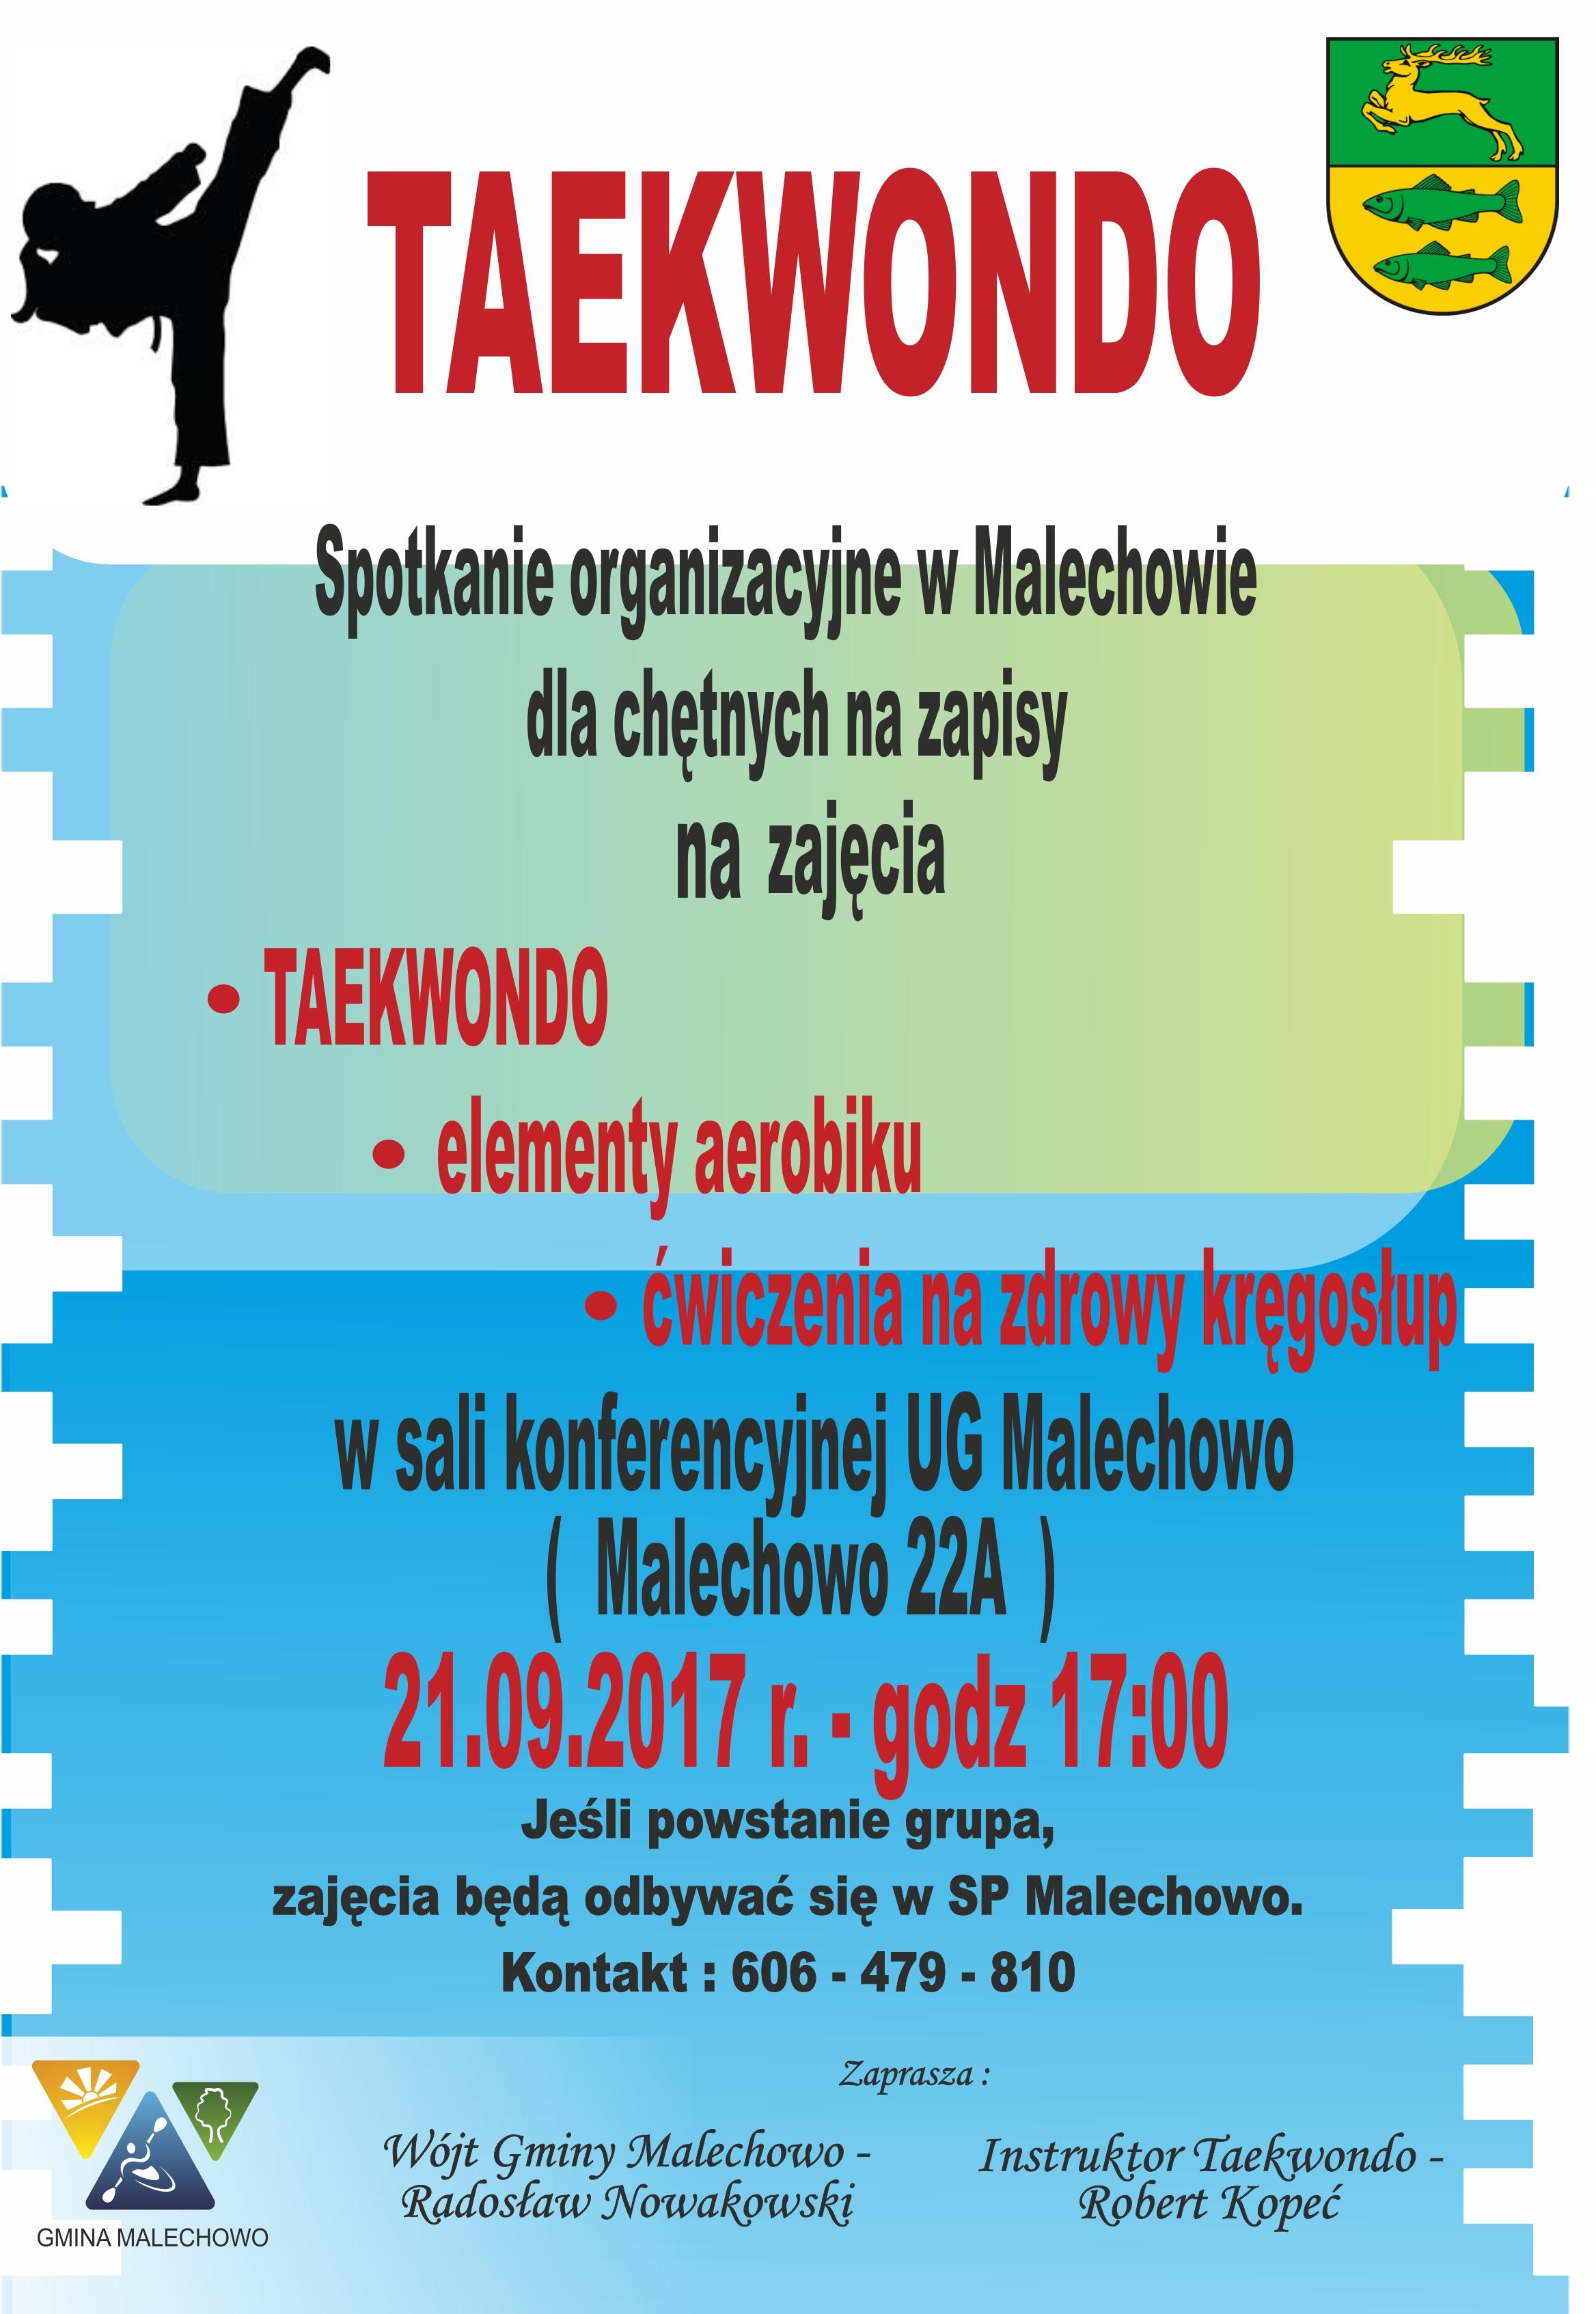 Malechowo